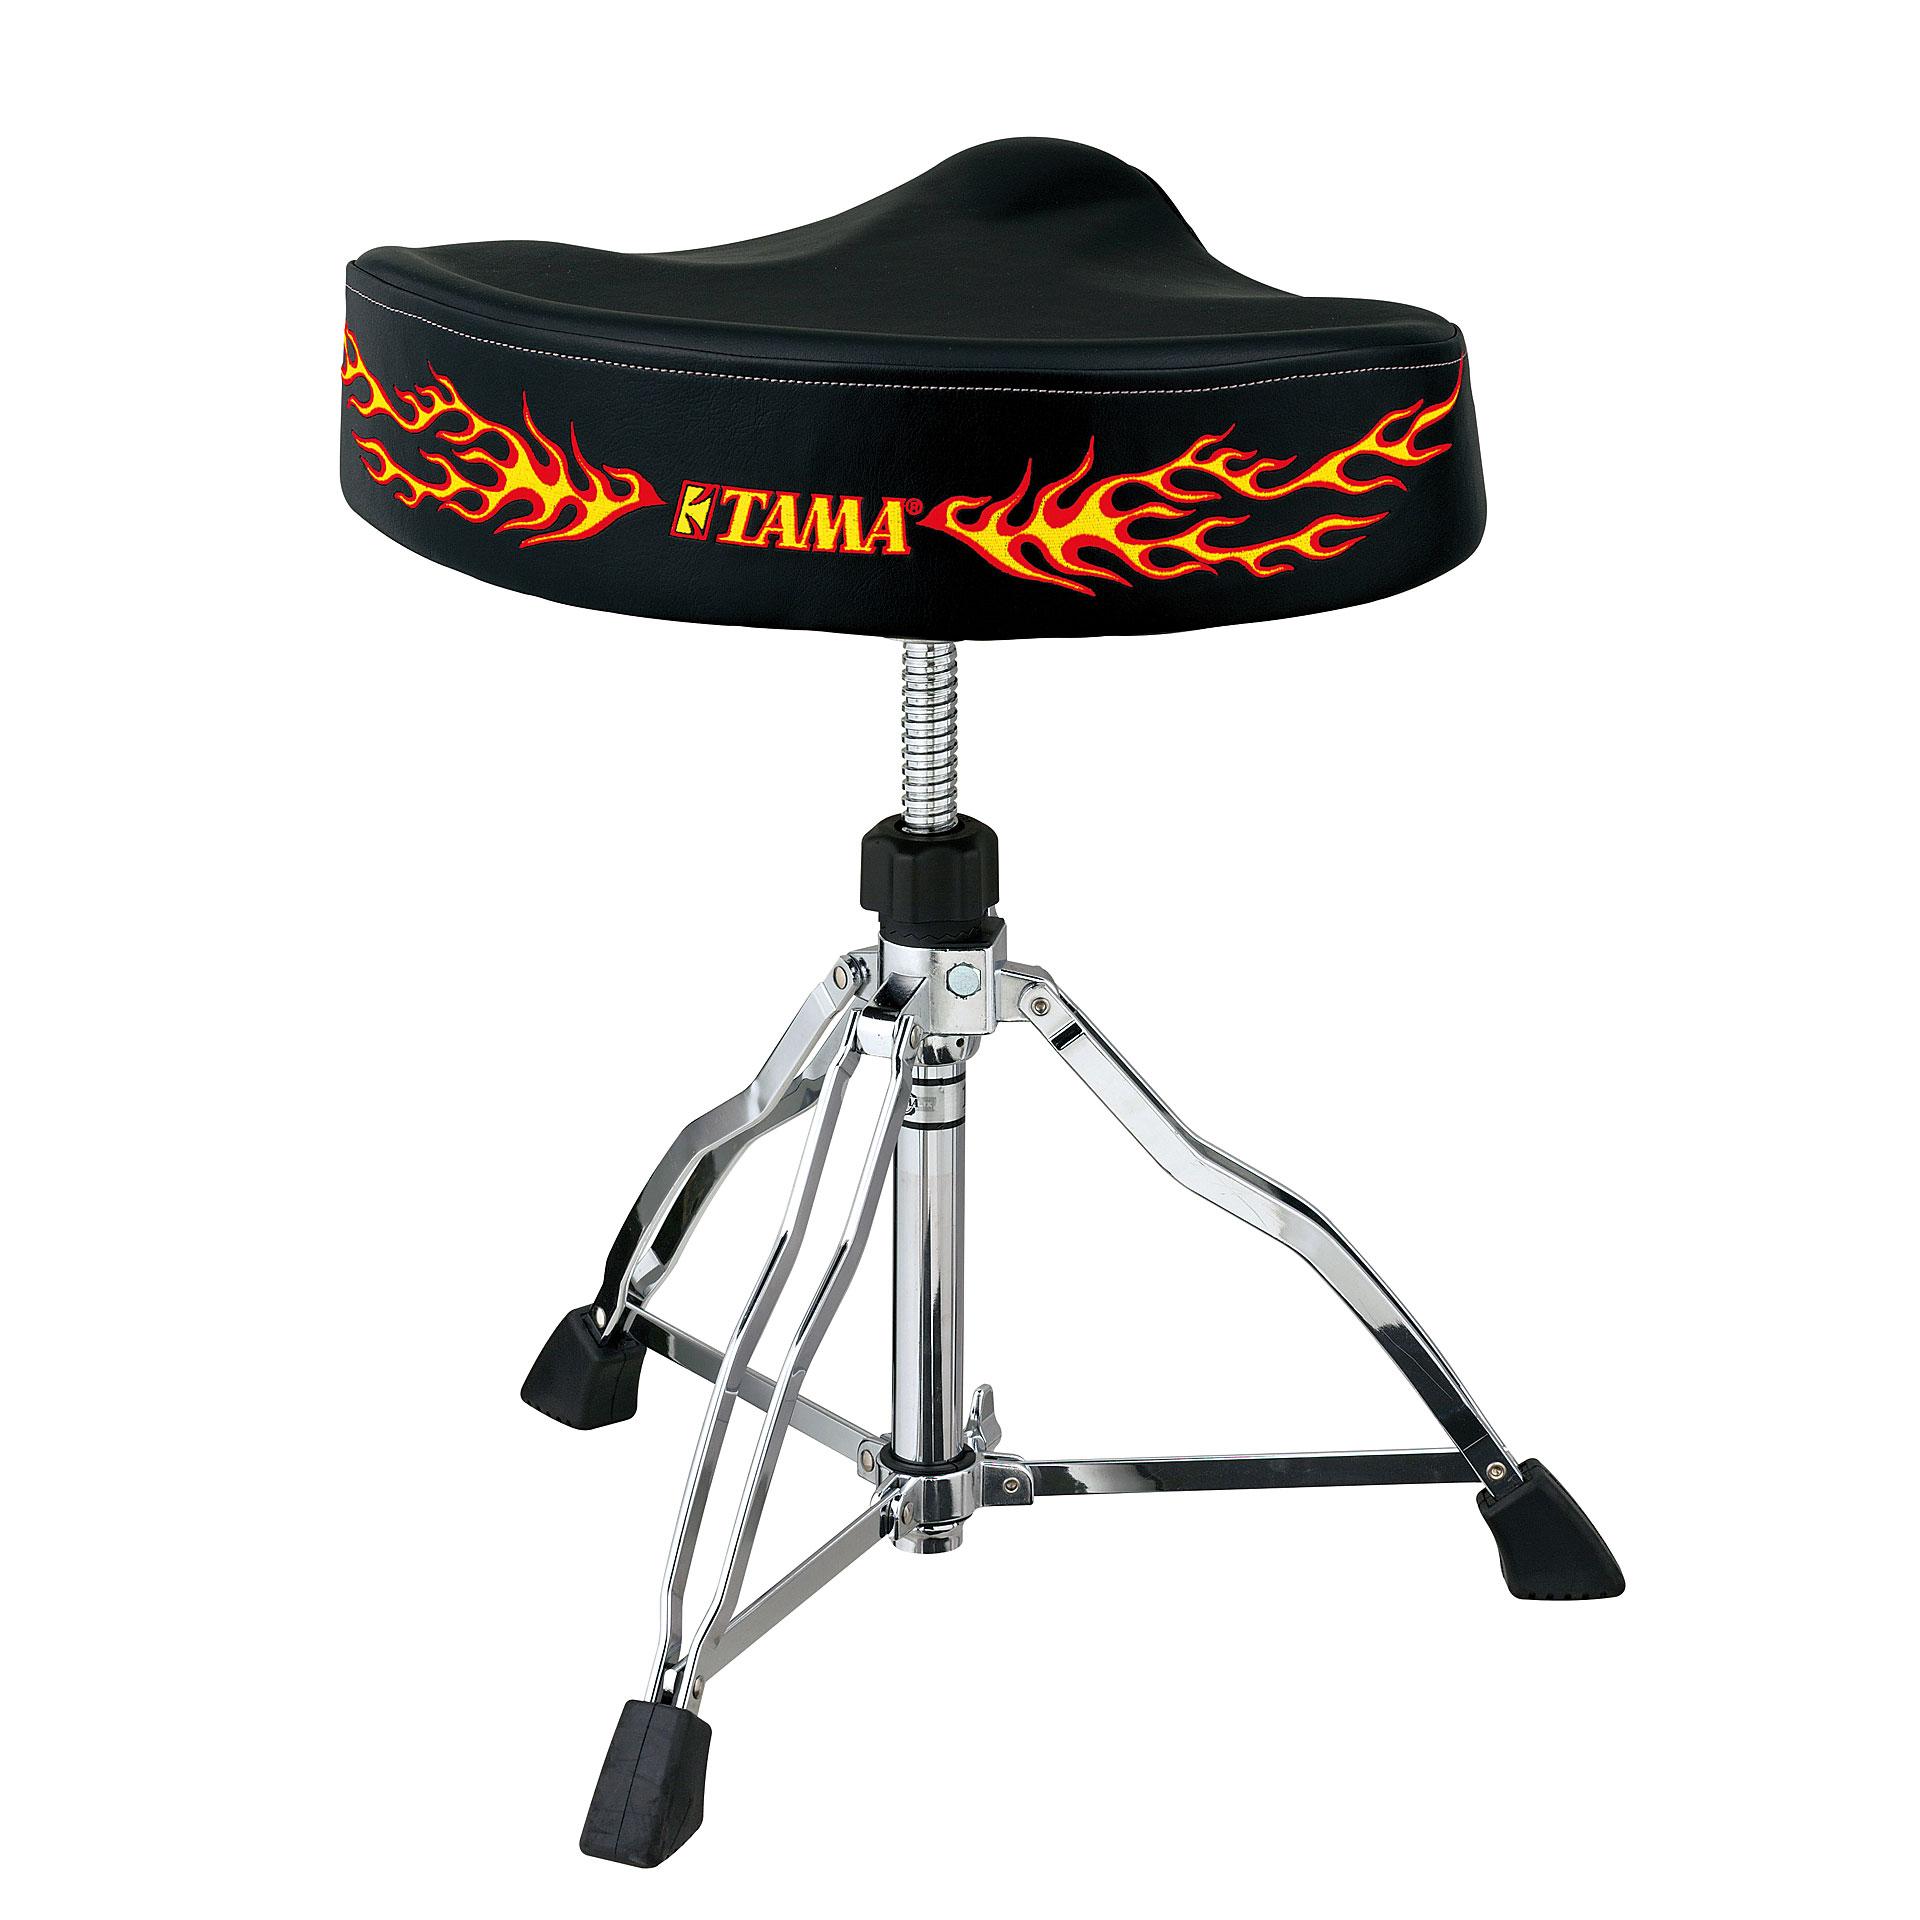 throne chair cover wooden church choir chairs tama 1st ht530fe hot seat ltd  drum